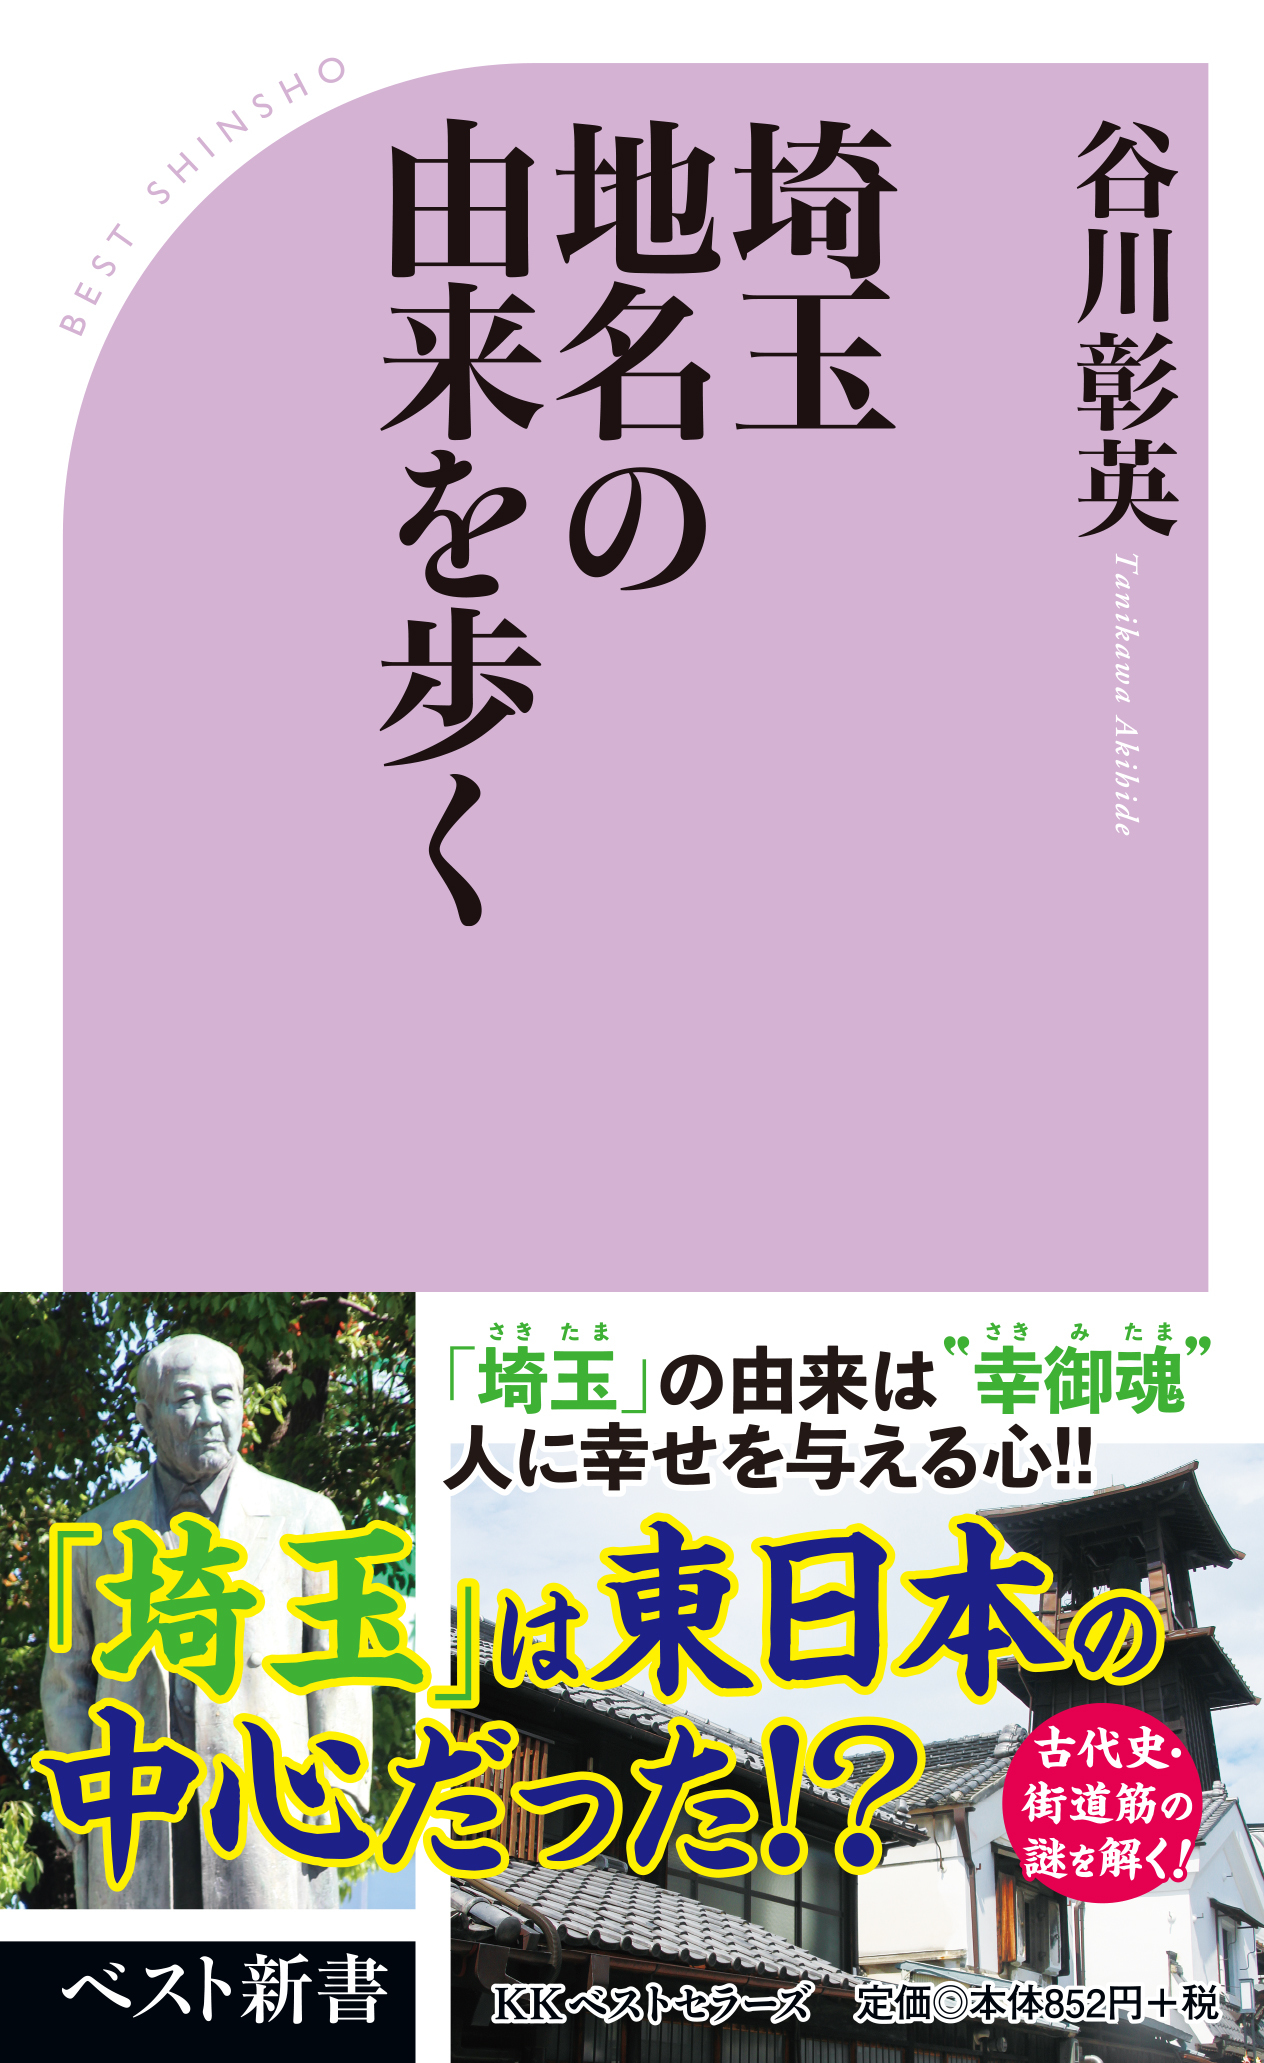 埼玉は東日本の中心だった!?地名の由来を辿って見えた、日本5位730万人の埼玉の歴史!!